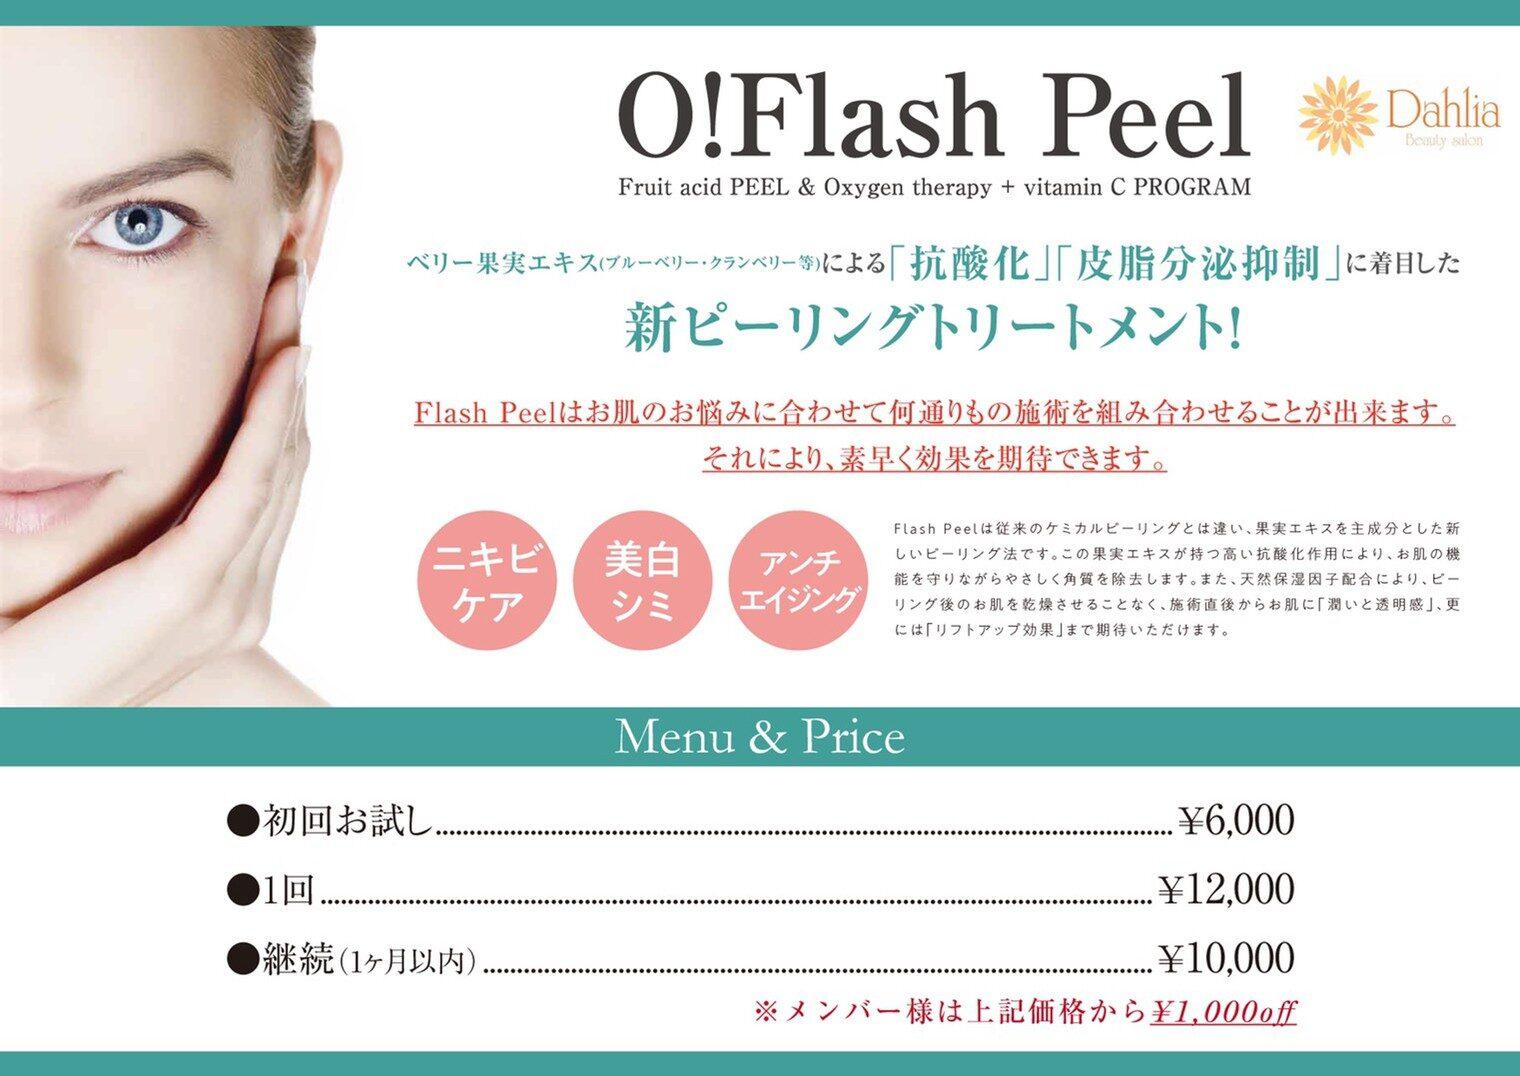 O!Flash Peel Fruit acid PEEL & Oxygen therapy + vitamin C PROGRAM  ベリー果実エキス(ブルーベリー・クランベリー等)による「抗酸化」「皮脂分泌抑制」に着目した新ピーリングトリートメント! Flash Peelはお肌のお悩みに合わせて何通りもの施術を組み合わせることができます。 それにより、素早く効果を期待できます。 ・ニキビケア ・美白シミ ・アンチエイジング Flash Peelは従来のケミカルピーリングとは違い、果実エキスを主成分とした新しいピーリング法です。この果実エキスが持つ高い抗酸化作用により、お肌の機能を守りながら優しく角質を除去します。また、天然保湿因子配合により、ピーリング後のお肌を乾燥させることなく、施術直後からお肌に「潤いと透明感」、さらには「リフトアップ効果」まで期待いただけます。  [Menu & Price] 初回お試し: ¥6,000 1回: ¥12,000 継続(1ヶ月以内) ¥10,000 *メンバー様は上記価格から¥1,000off